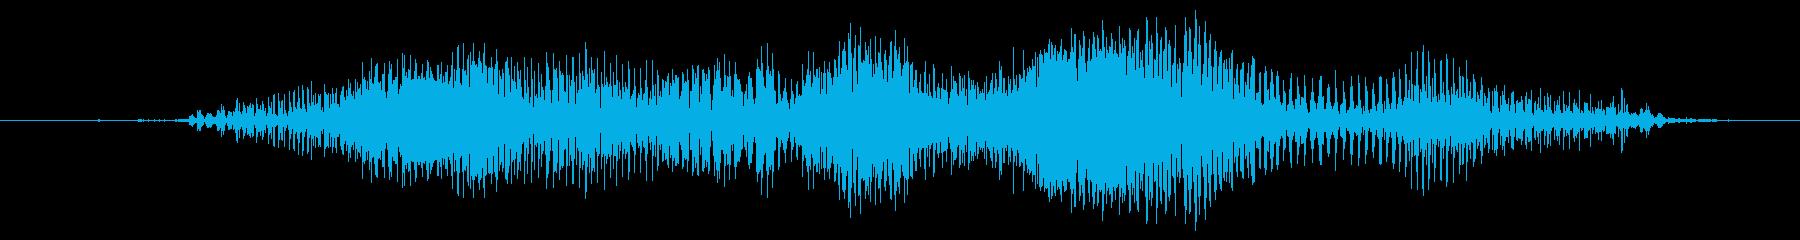 スモールケース:ジップアップ、ミデ...の再生済みの波形